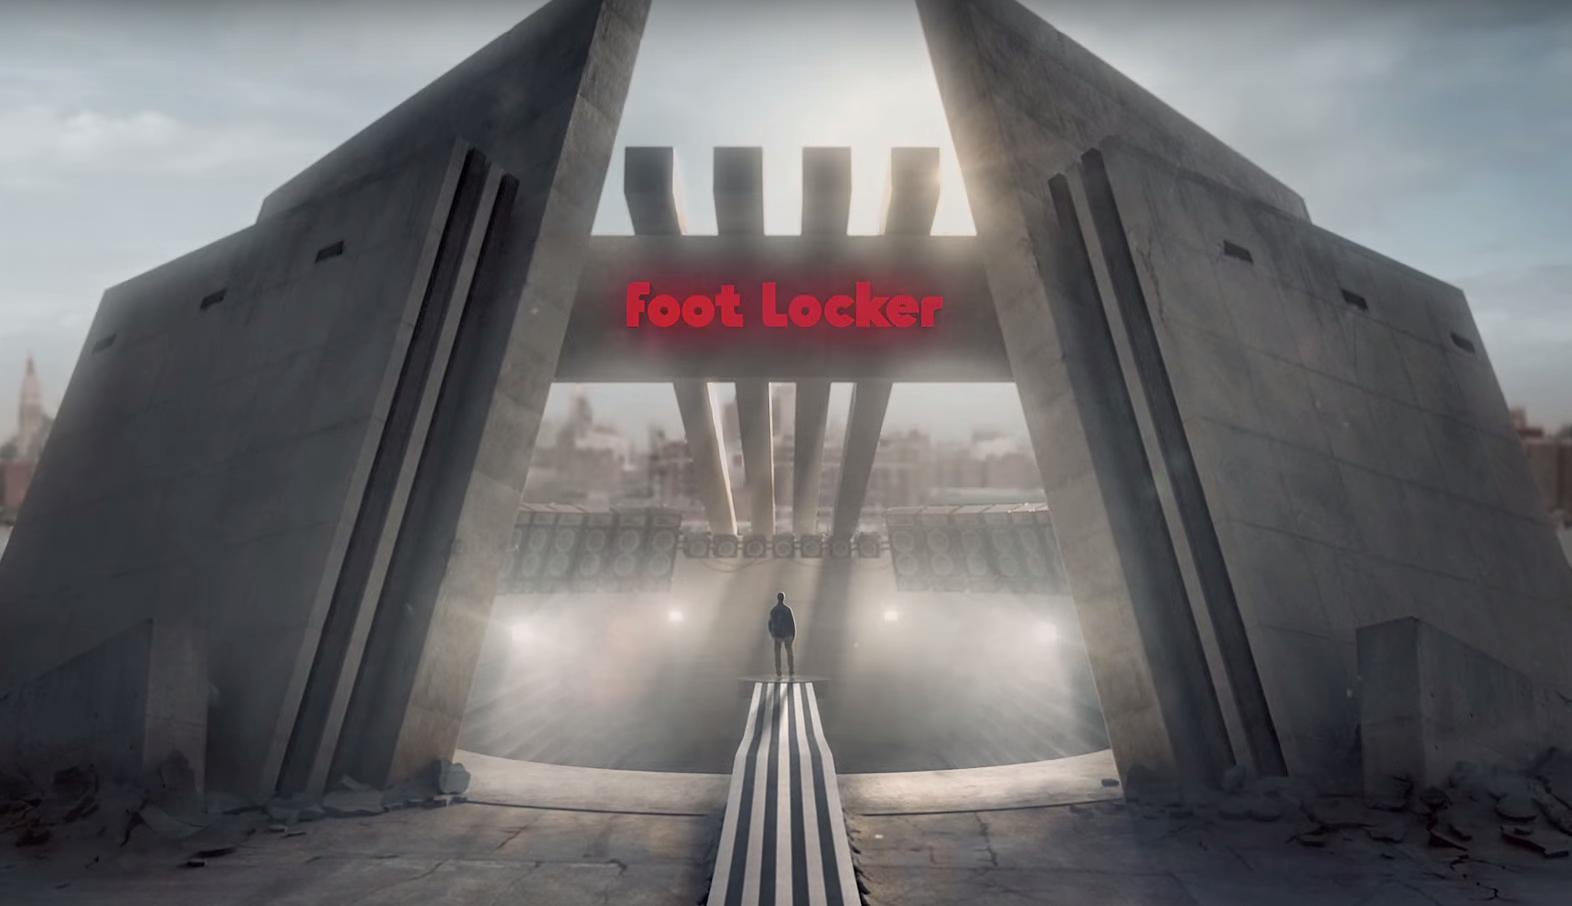 adidas-reebok-foot-locker